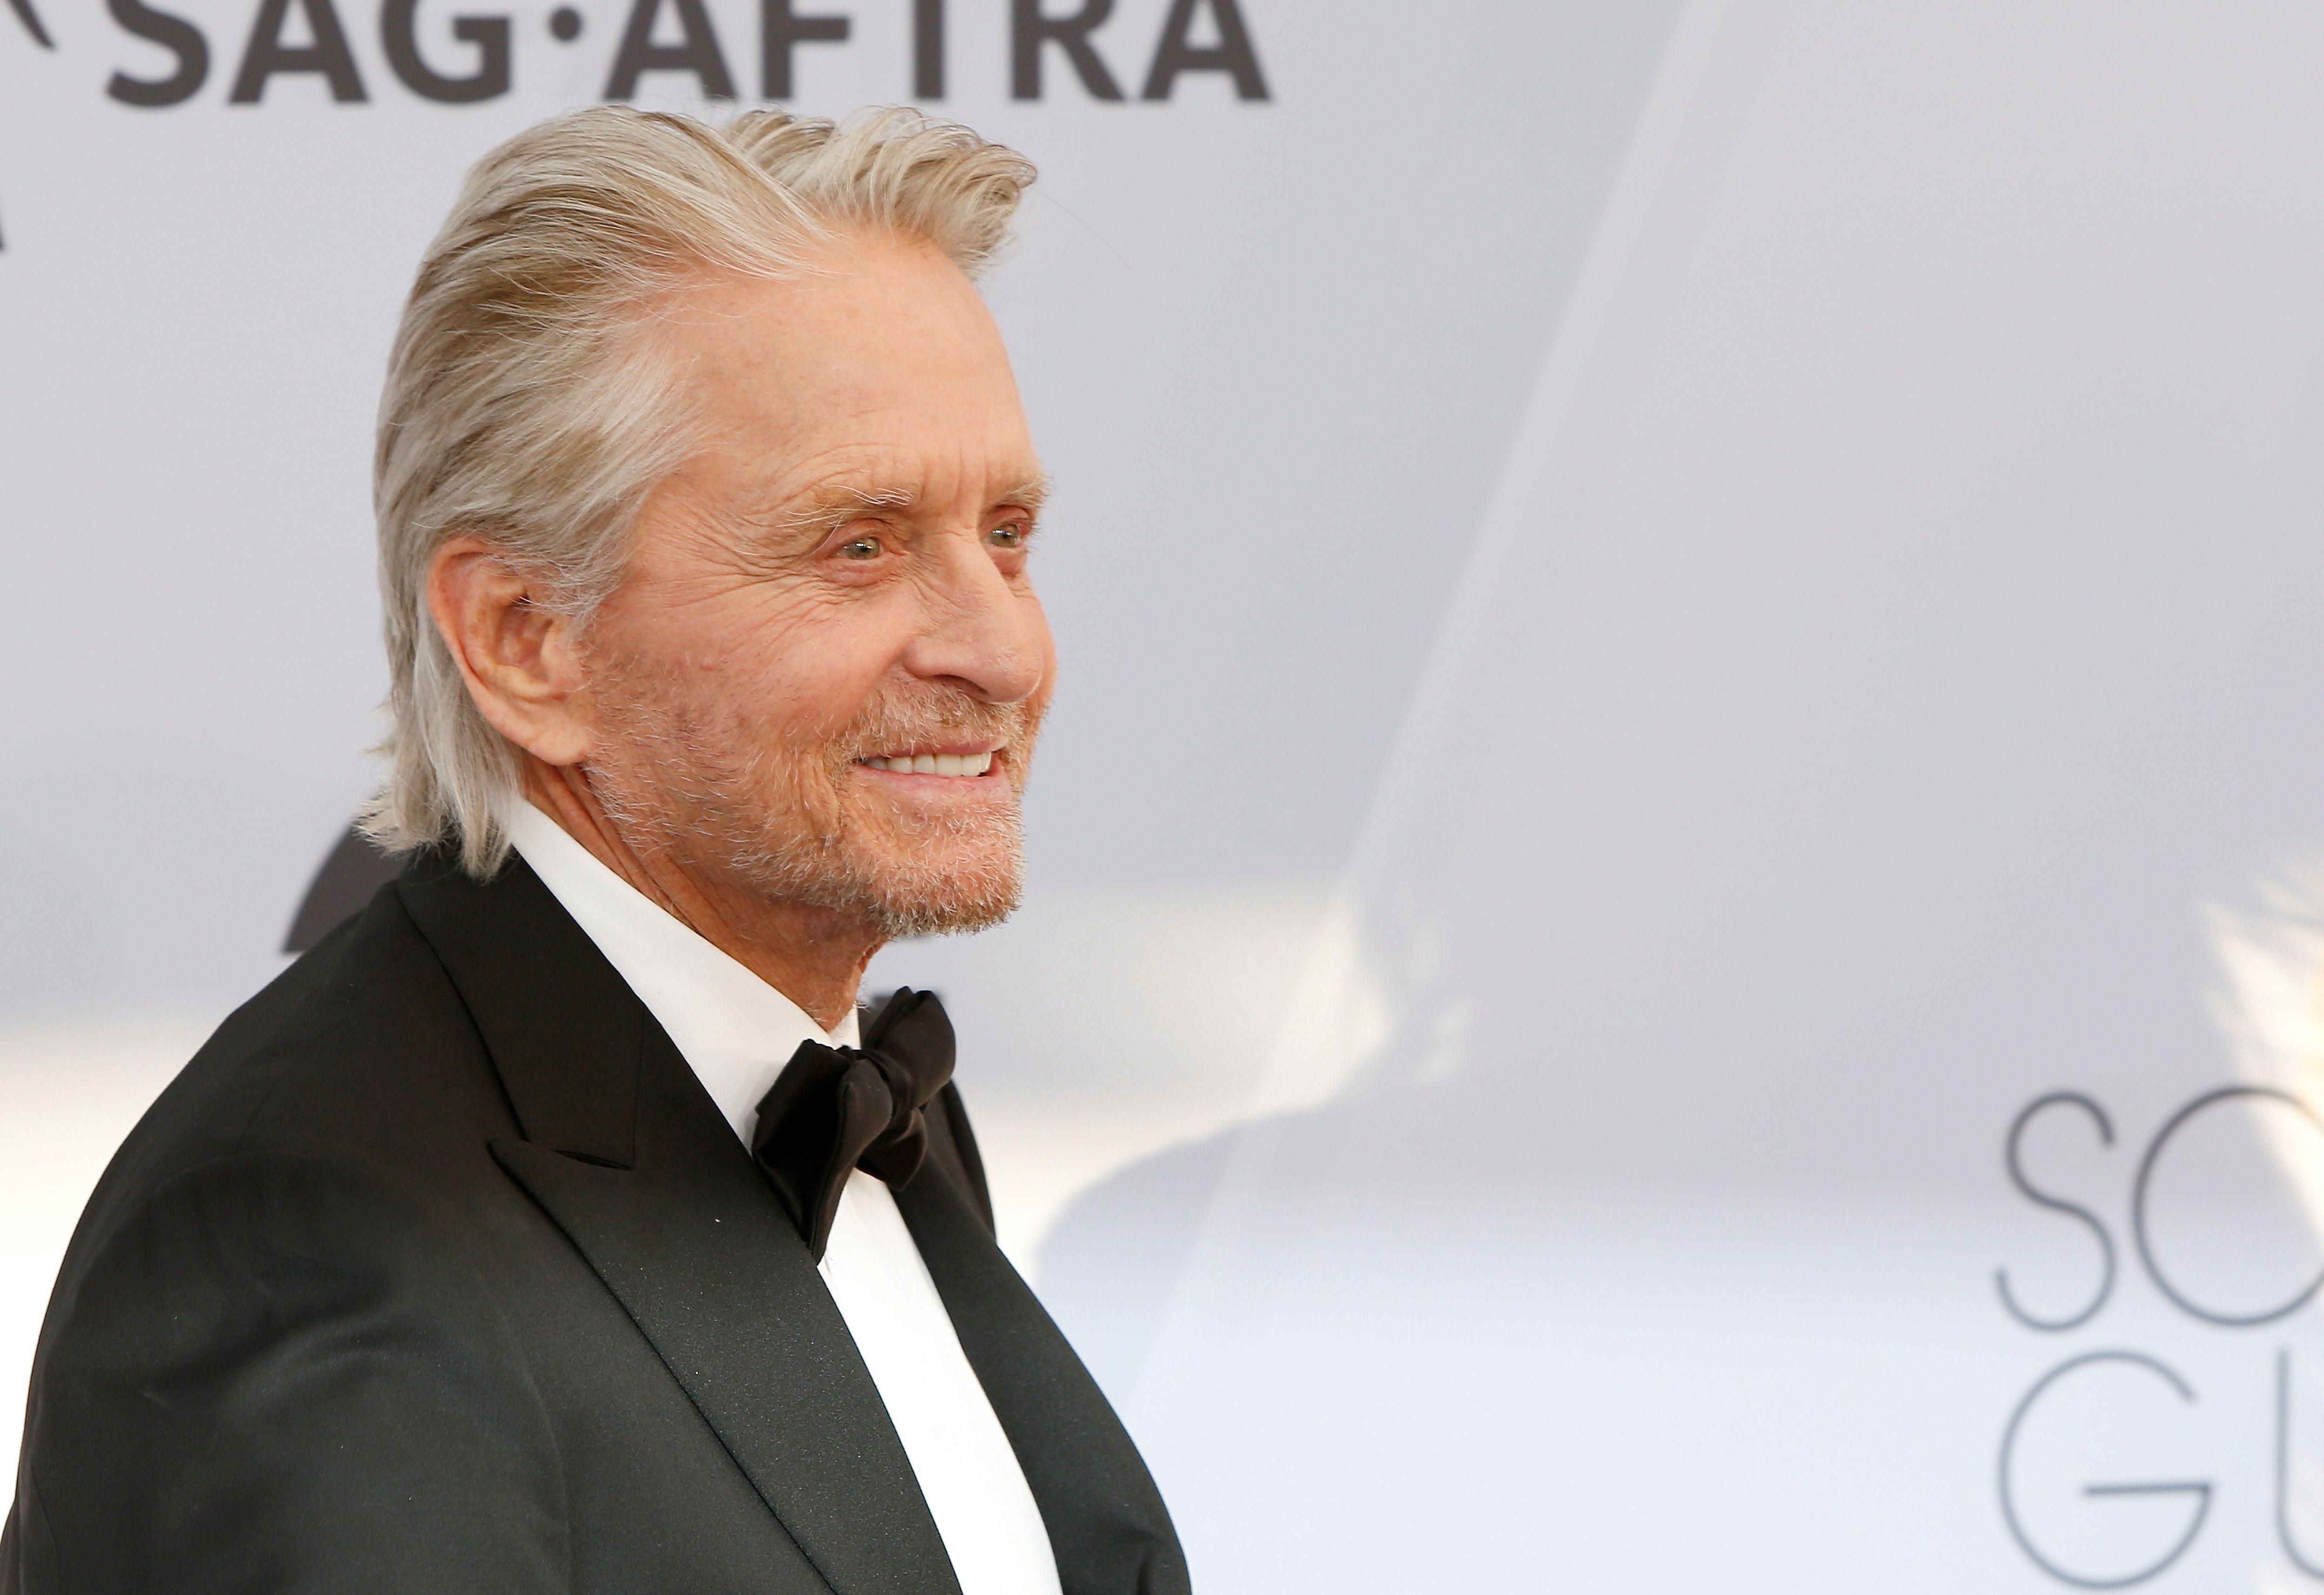 En la imagen, el actor, Michael Douglas. EFE/EPA/NINA PROMMER/Archivo